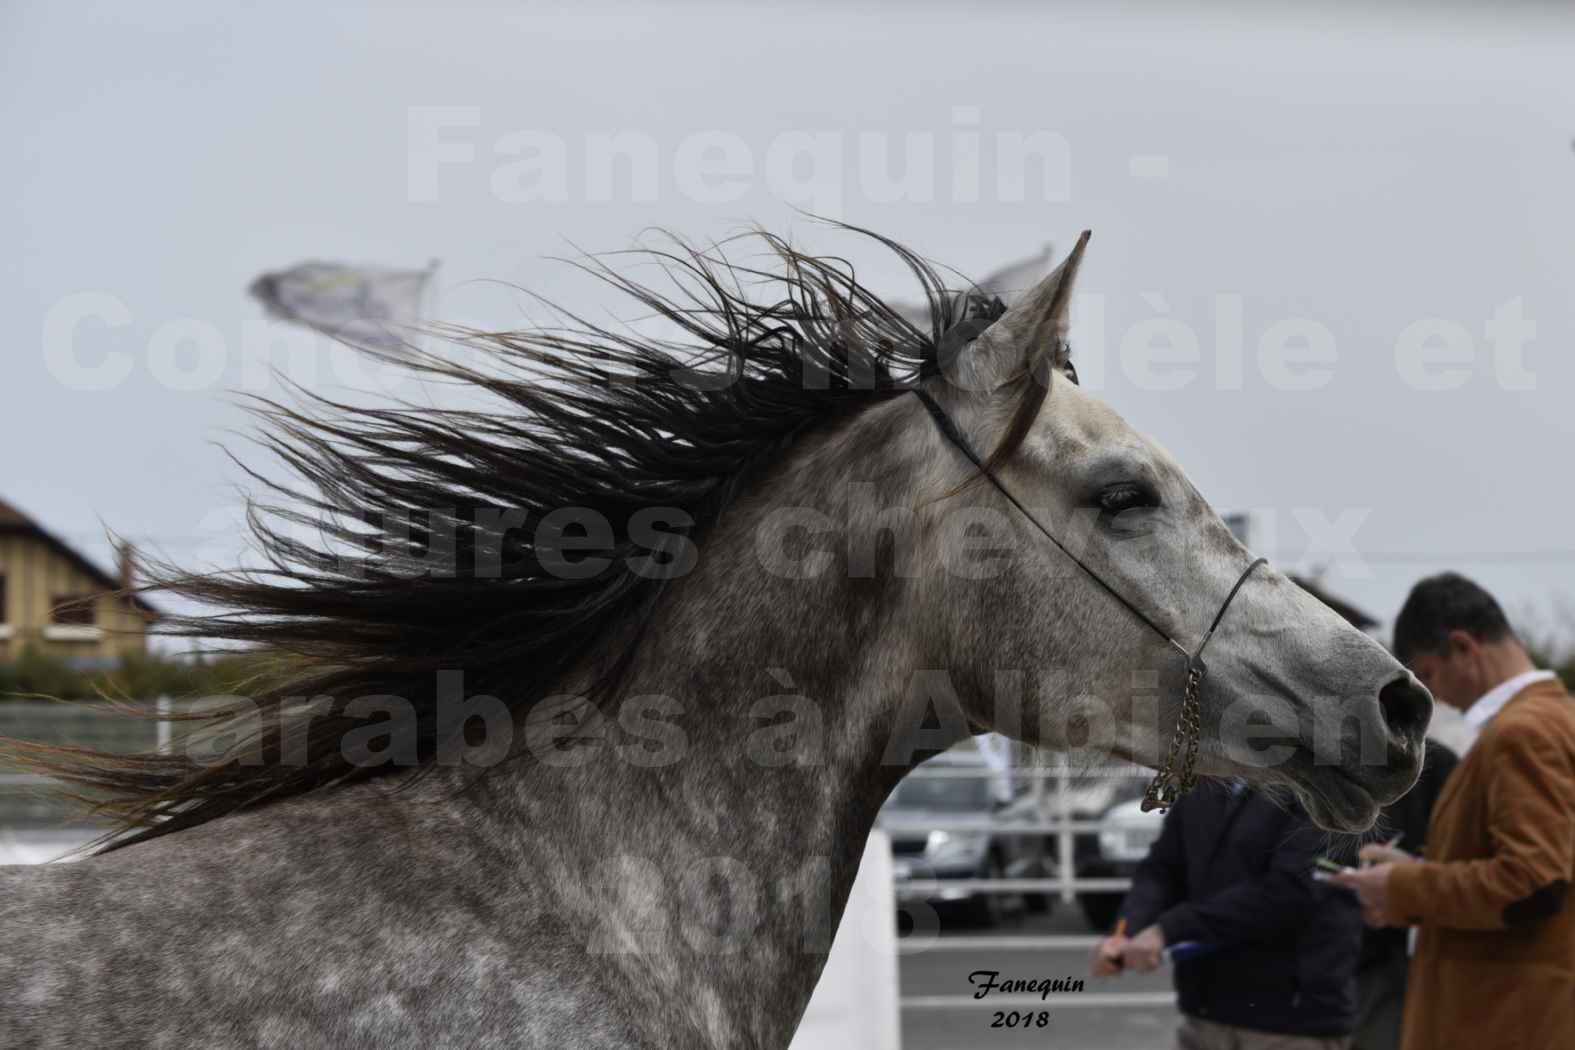 Concours d'élevage de Chevaux Arabes - Demi Sang Arabes - Anglo Arabes - ALBI les 6 & 7 Avril 2018 - PERCEVAL DE LAFON - Notre Sélection - Portraits - 10